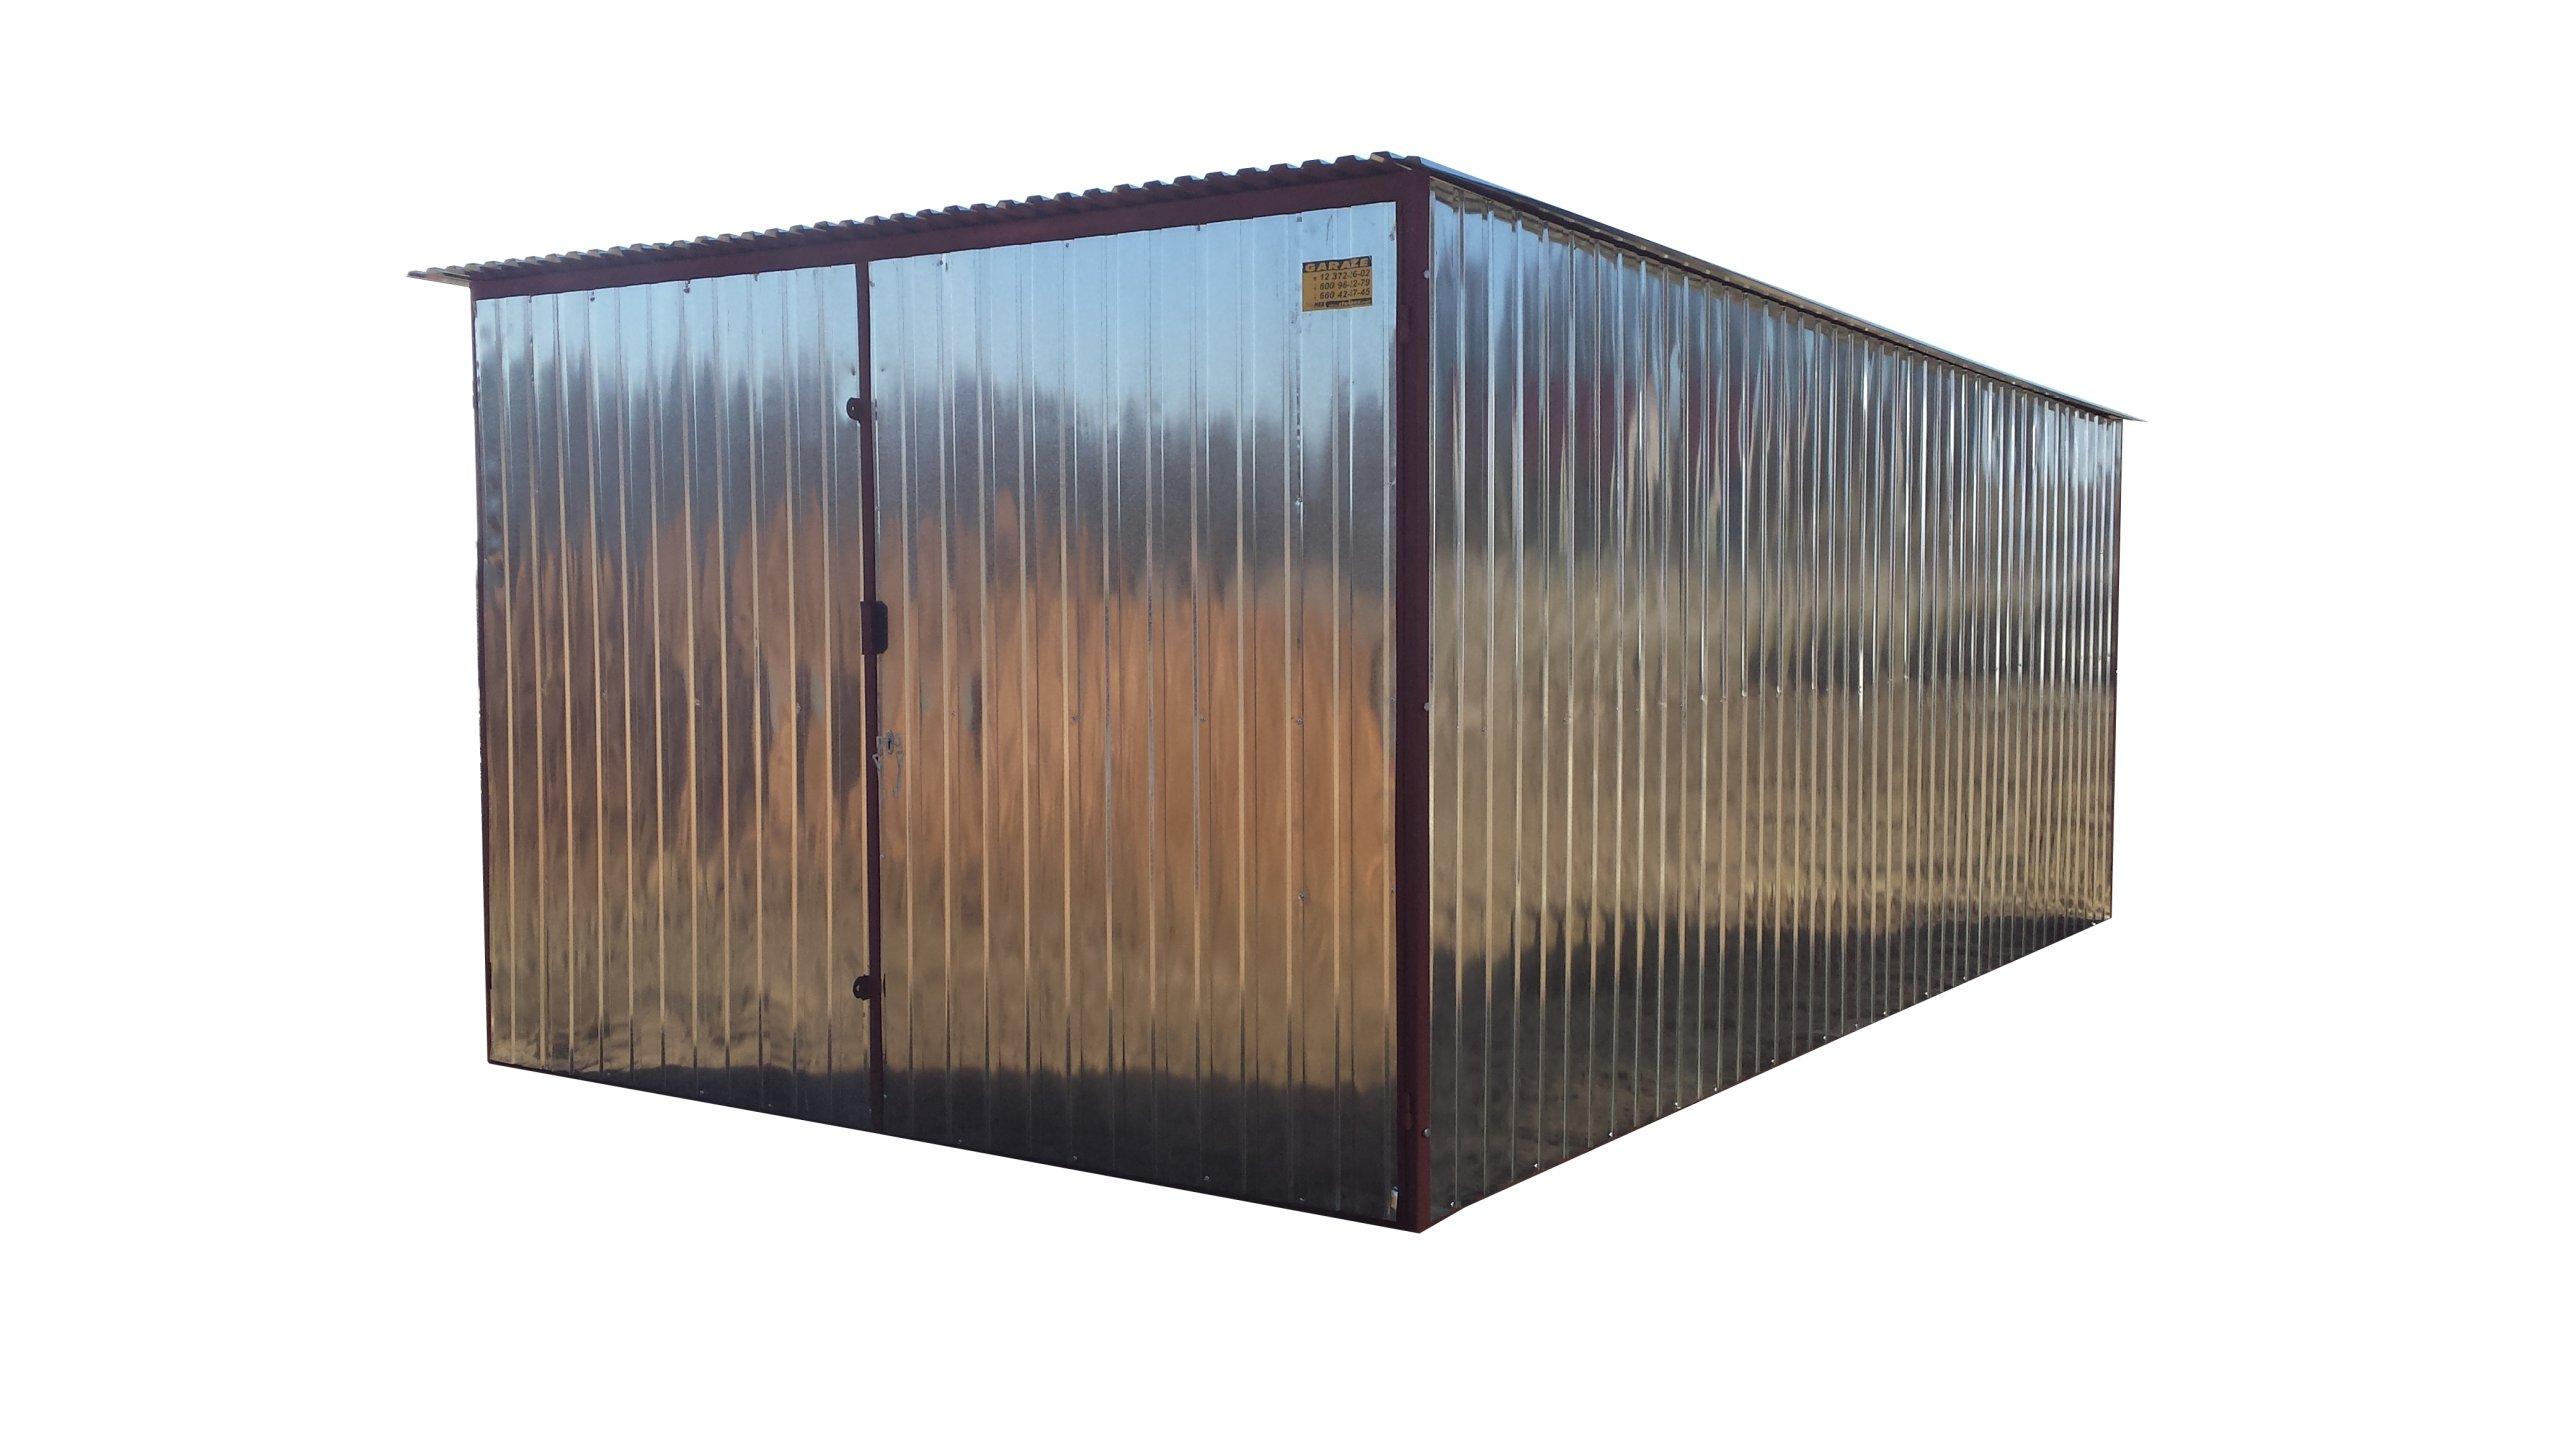 Ogromnie GARAŻE BLASZANE garaz blaszany 3x5 OPOLE LUBELSKIE - 6749920350 KC09